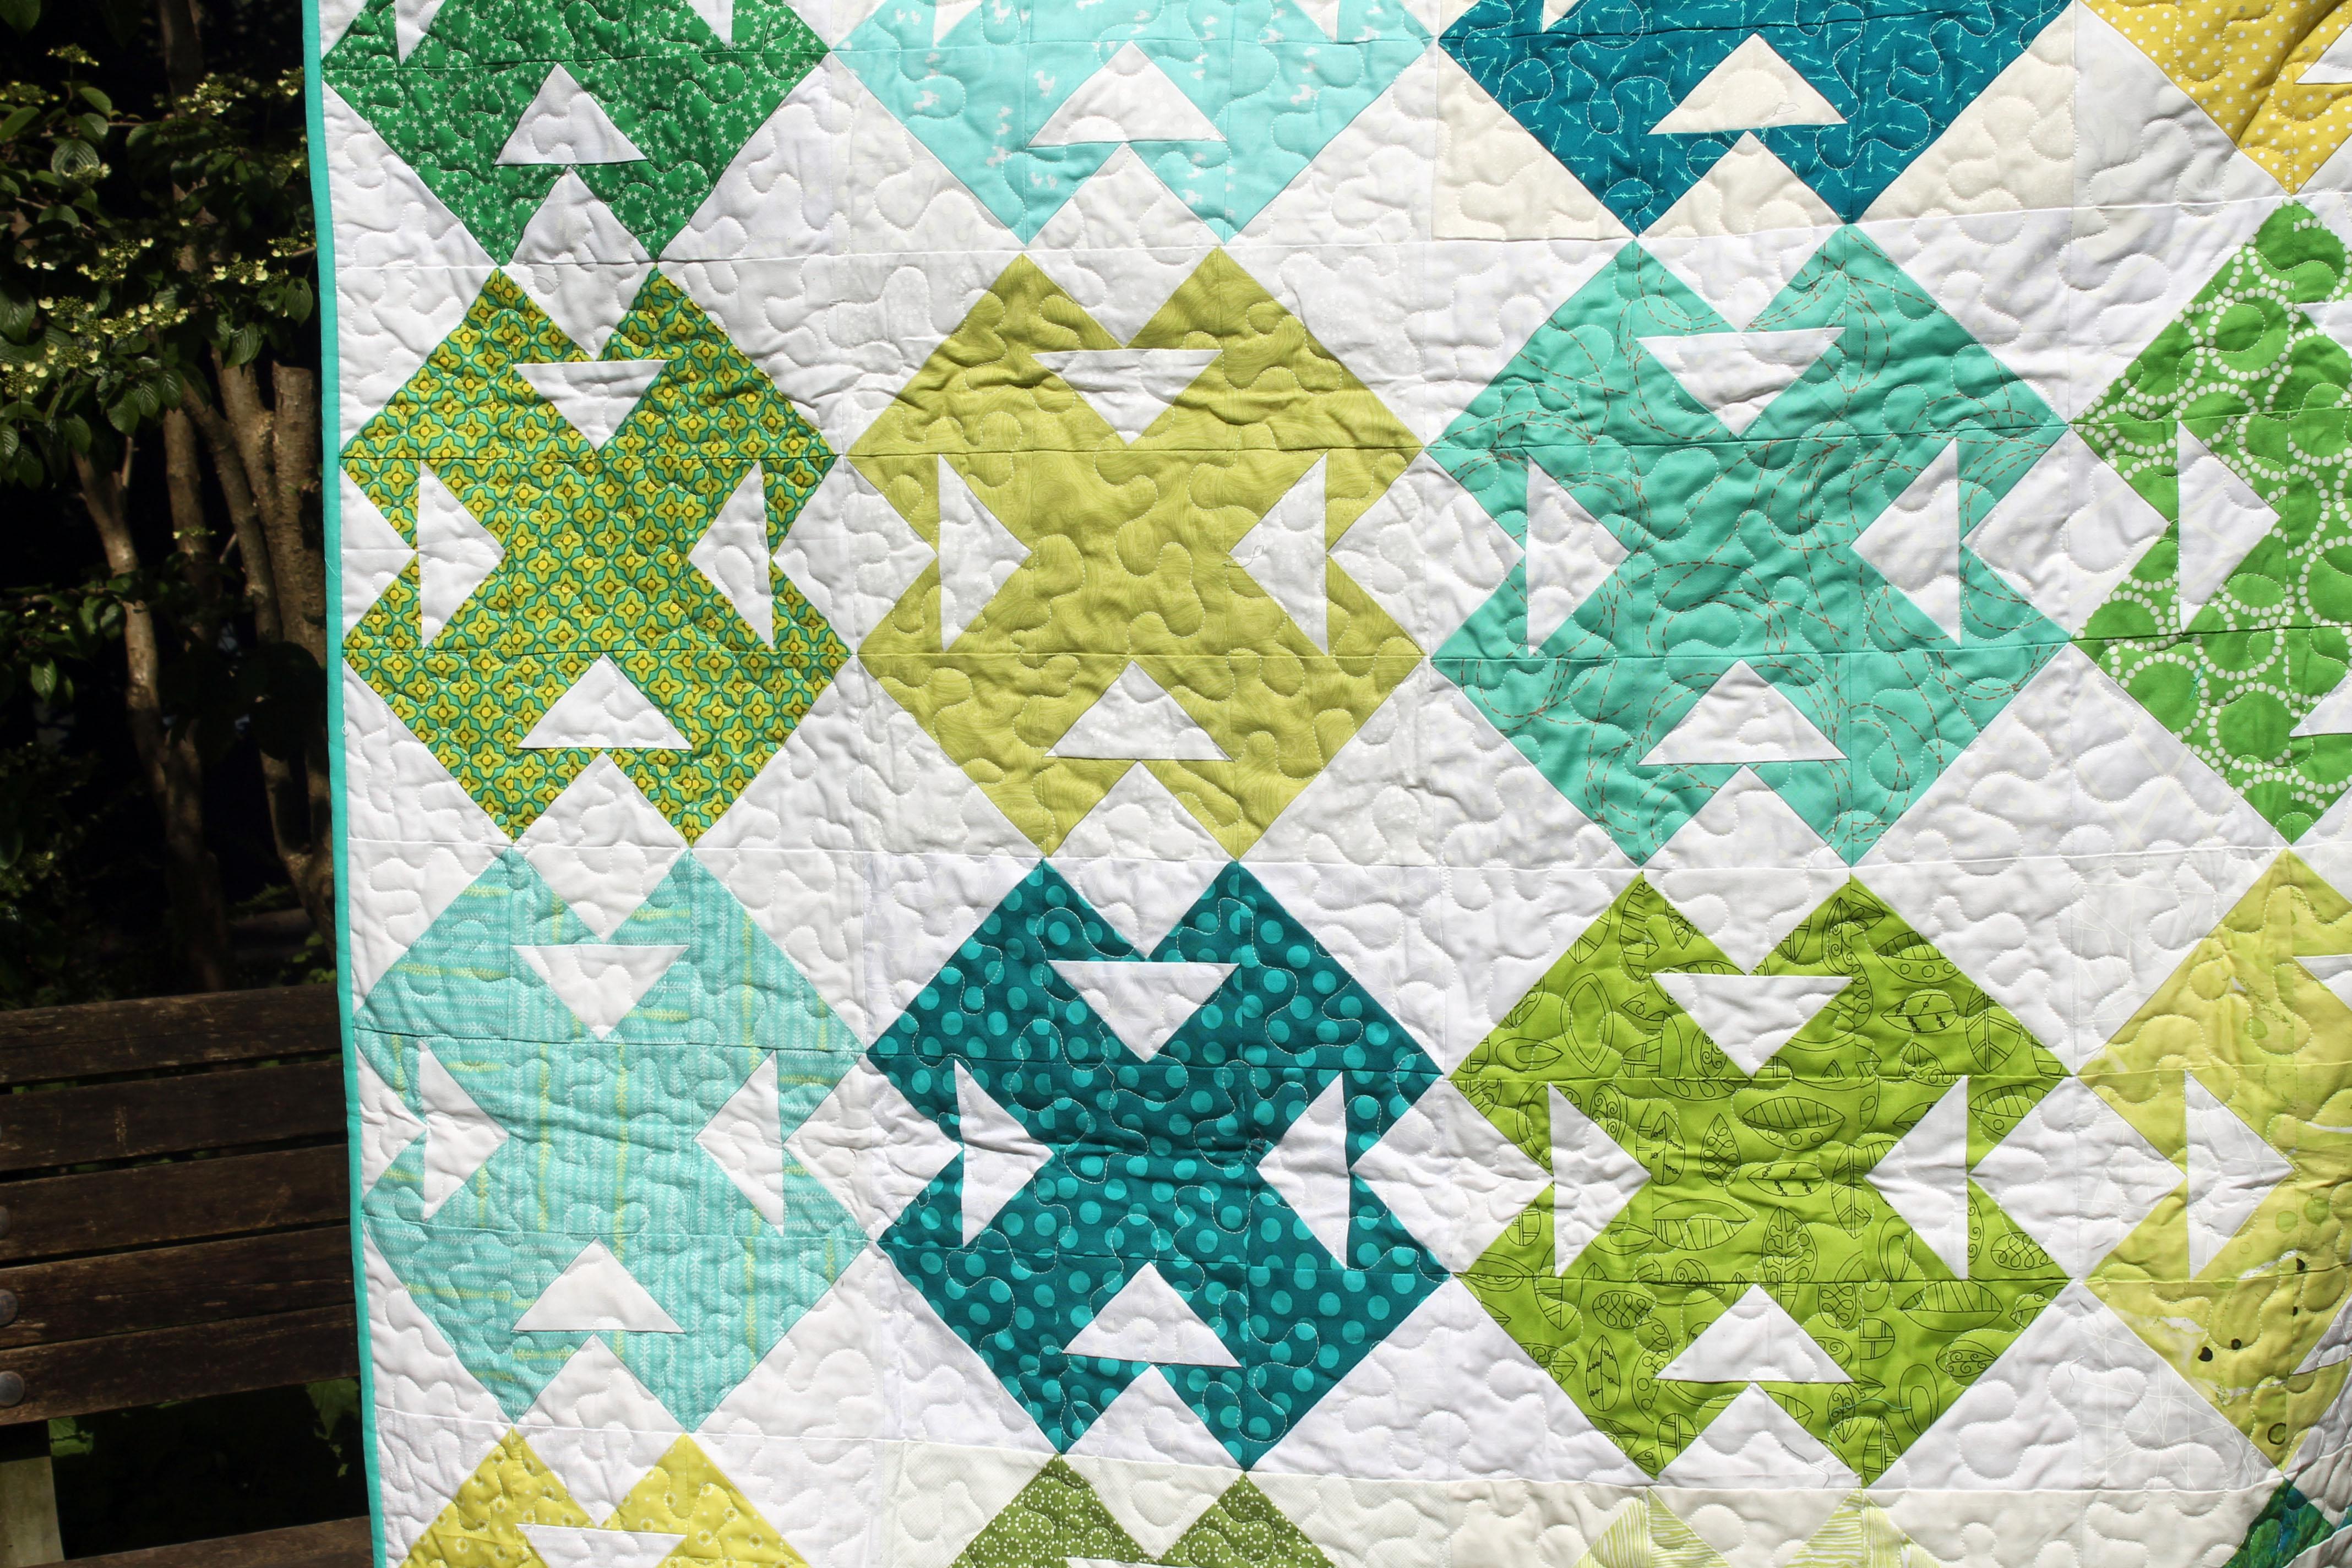 green quilt detail 4